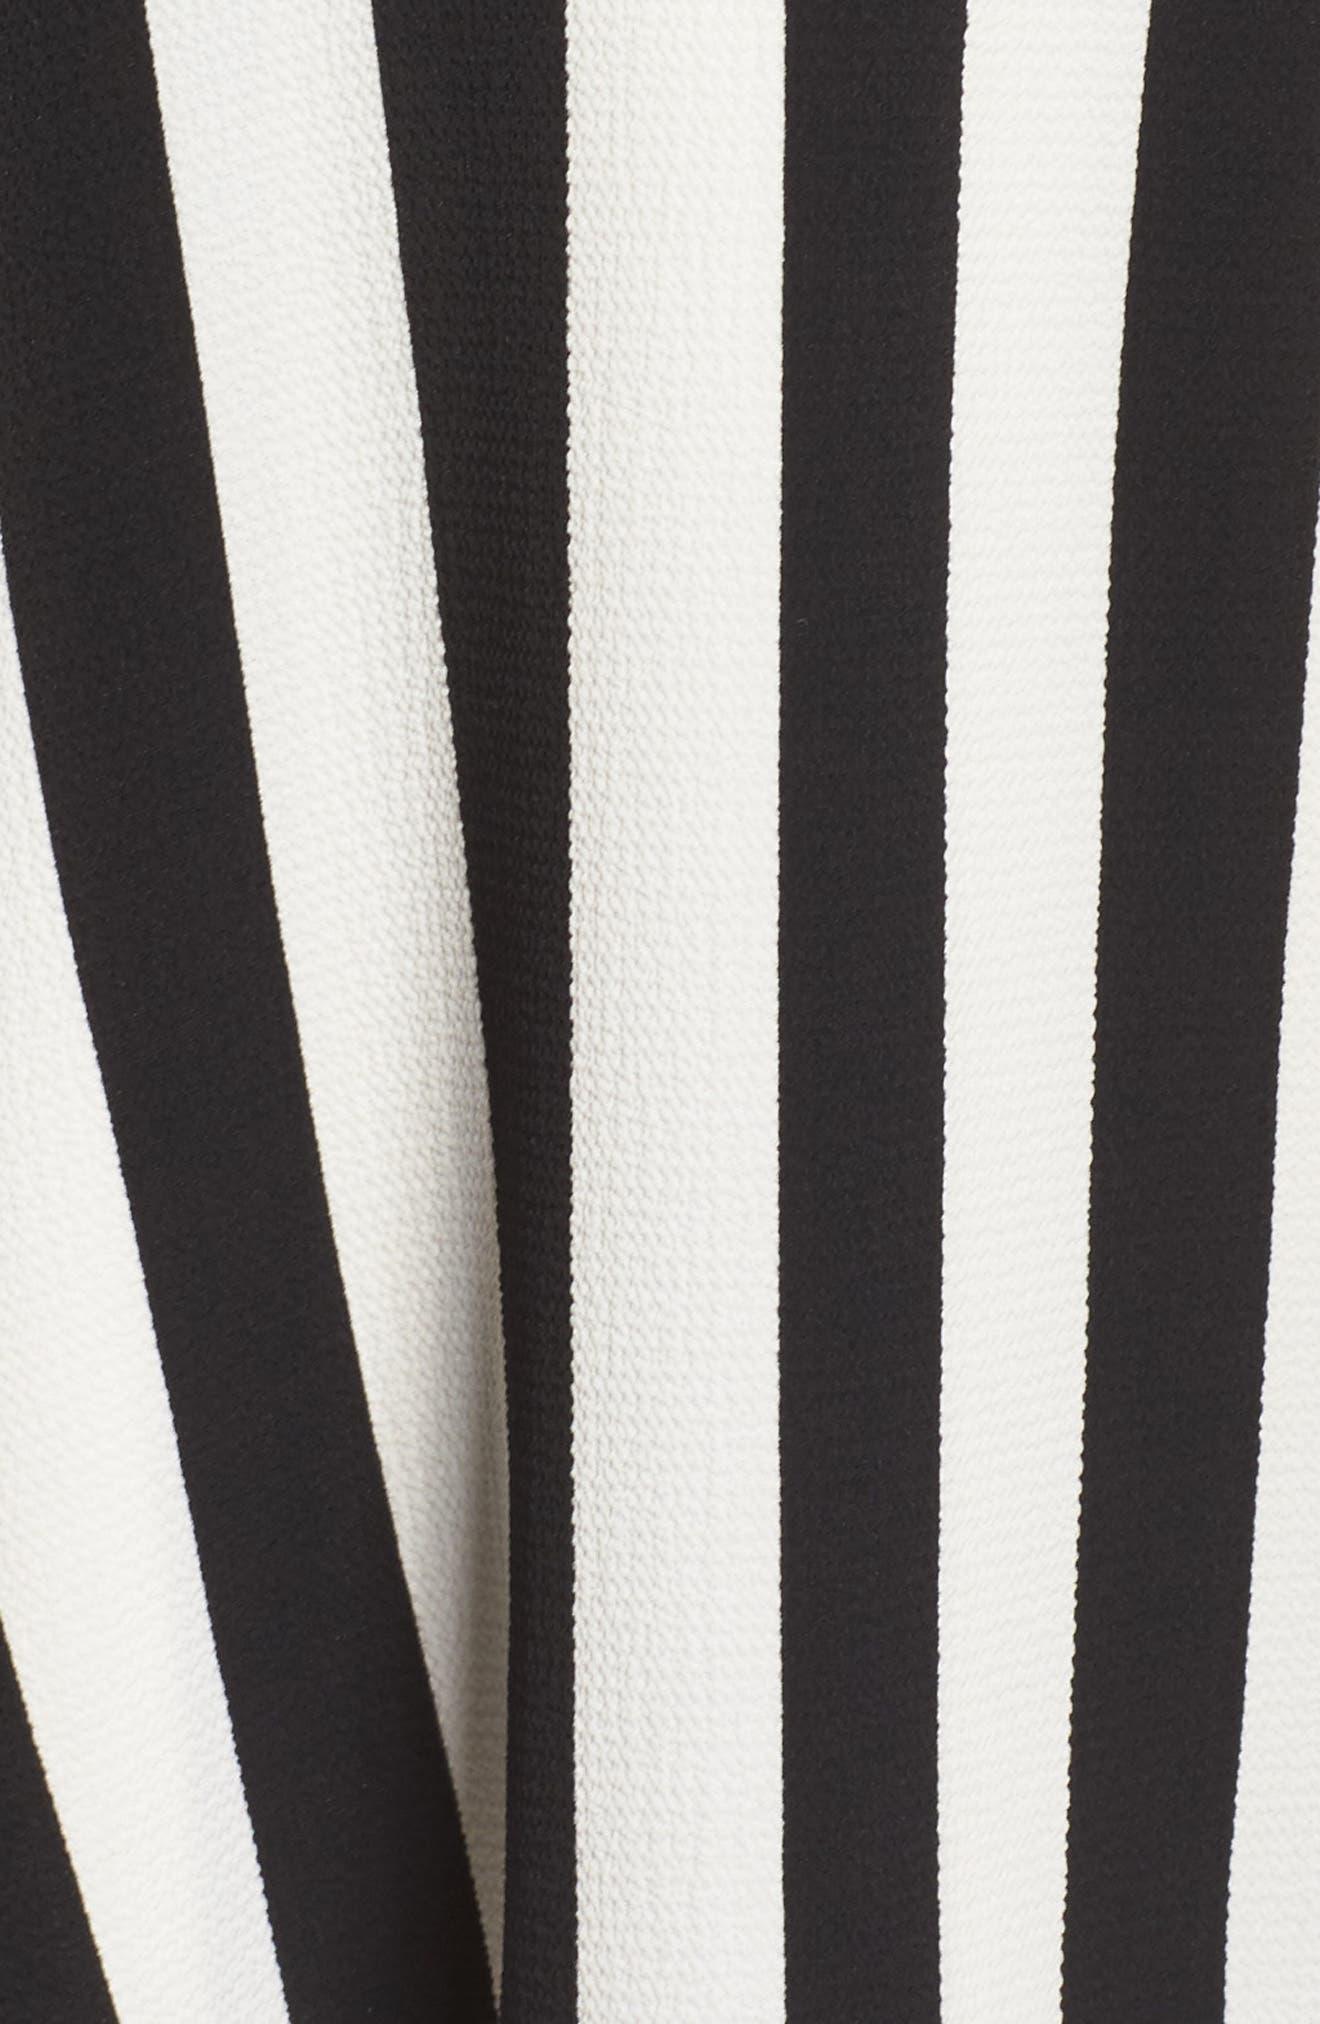 Spectator Asymmetrical Hem Dress,                             Alternate thumbnail 5, color,                             010